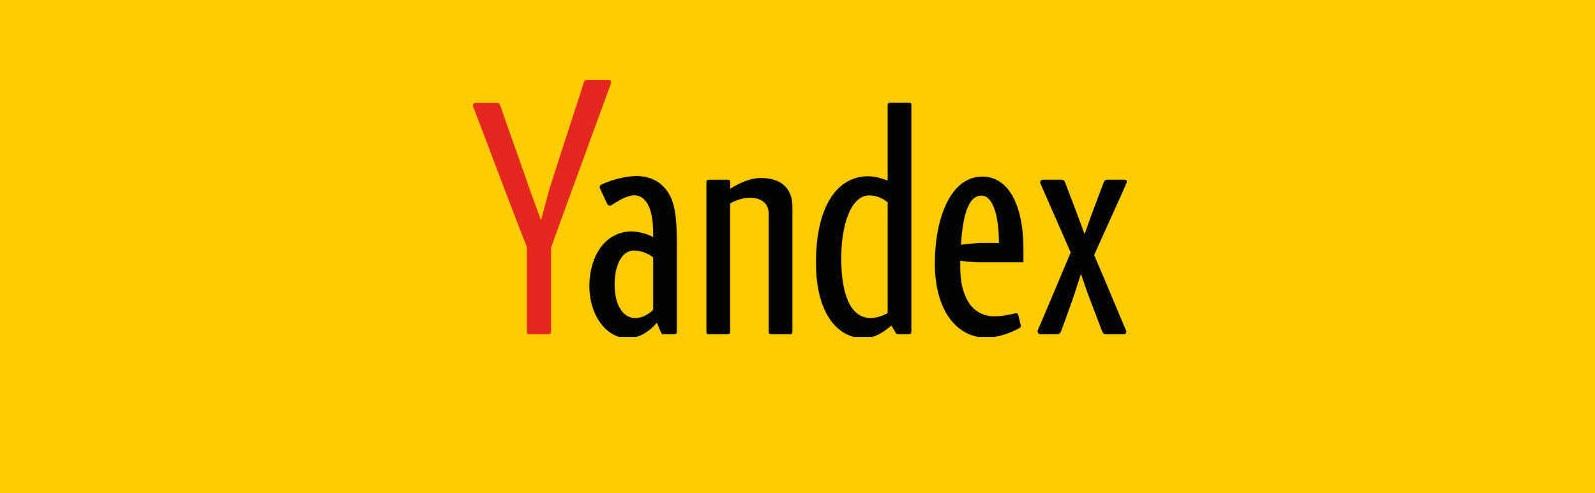 Продвижение сайта в ТОП Яндекса